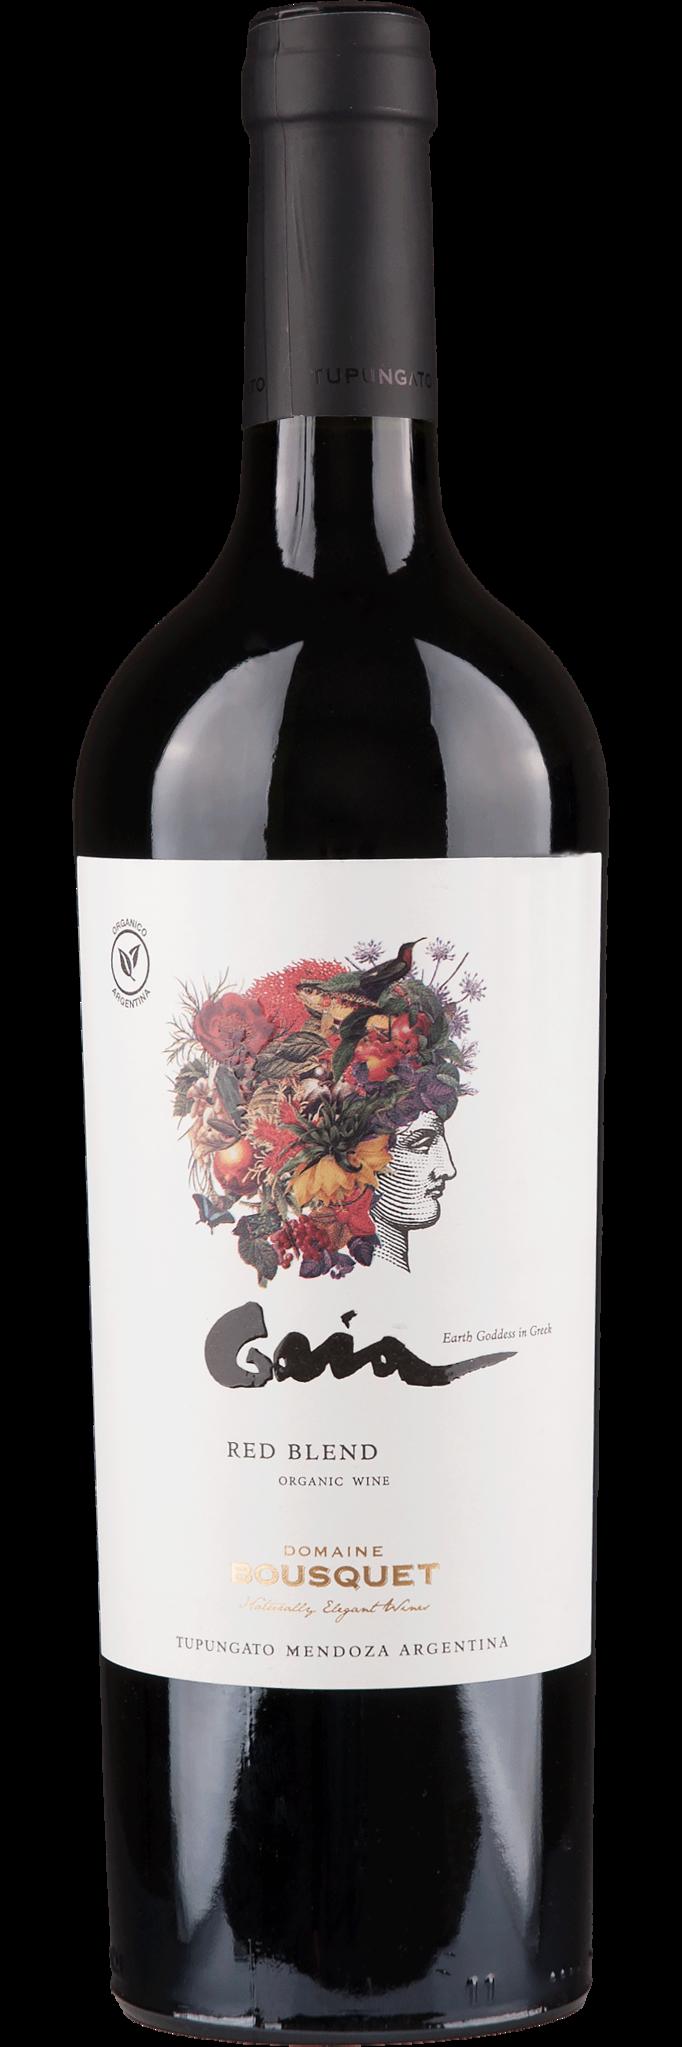 Bousquet, Domaine - Argentinien 2018 Gaia, Domaine Bousquet Biowein